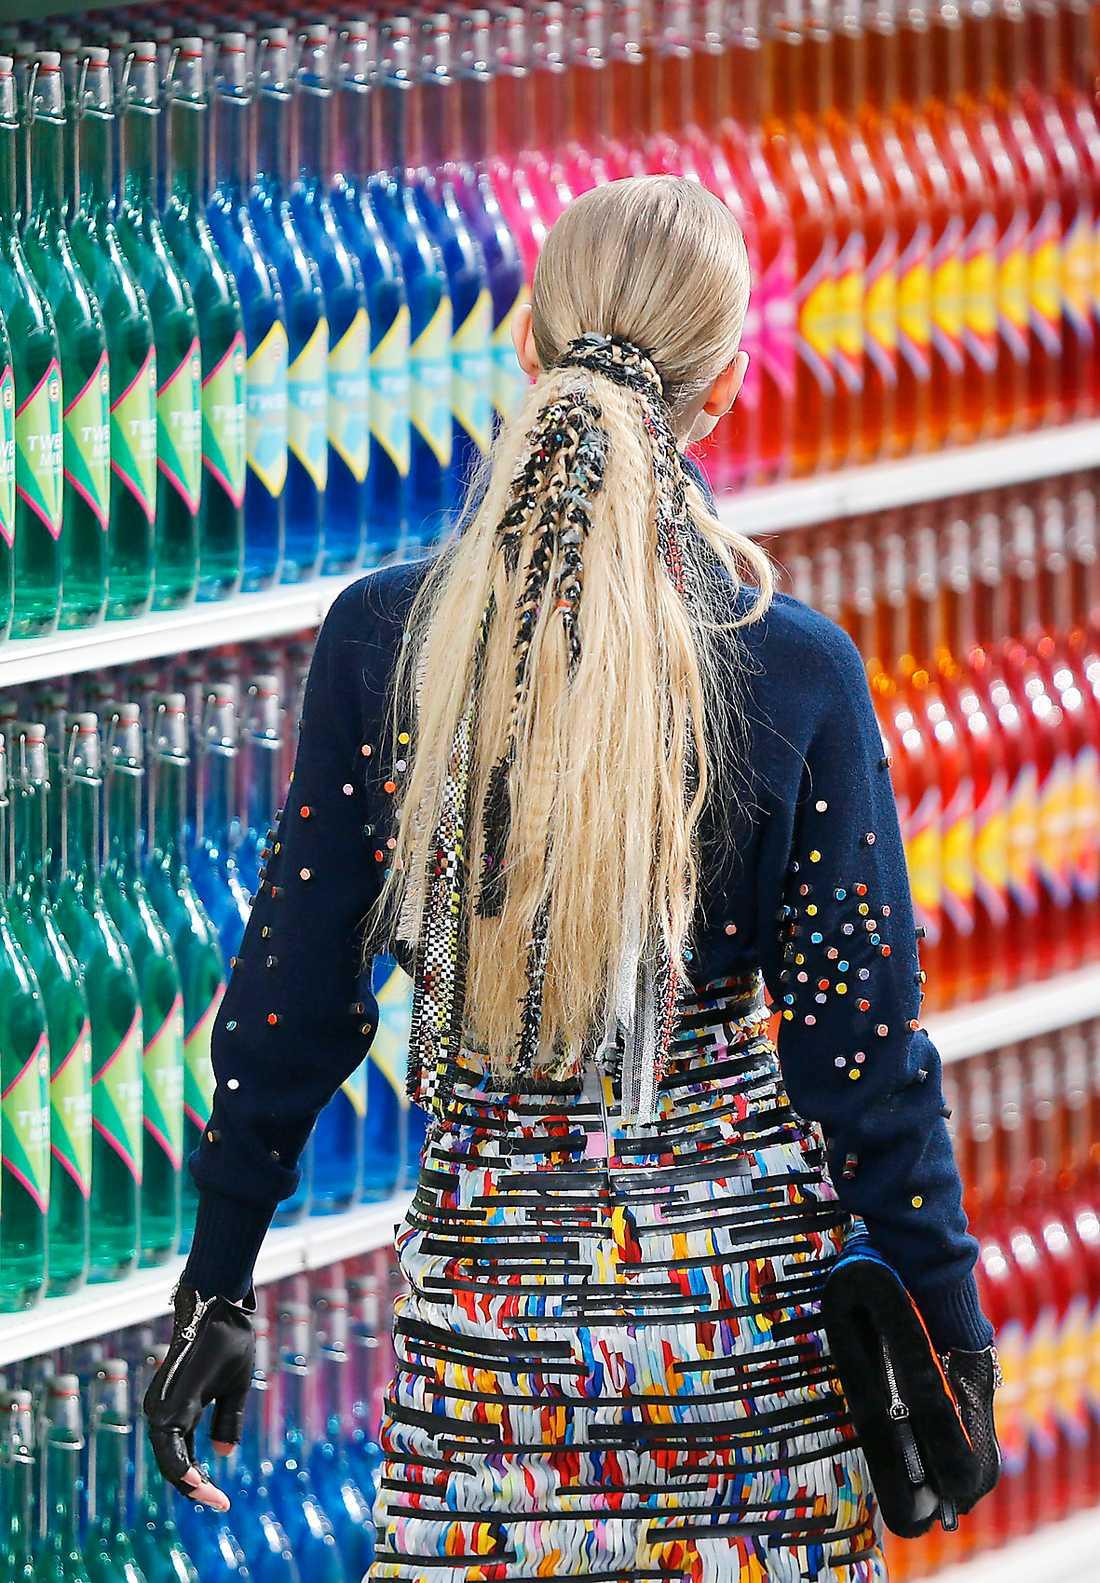 På håret För den som älskar att testa nya frisyrer var Chanels visning en fin inspirationskälla. Modellernas hästsvansar flätades med trådar och tygrester som såg ut att komma från Chanels klassiska dräktjackor. Kul? Ja,  faktiskt hårresande bra.